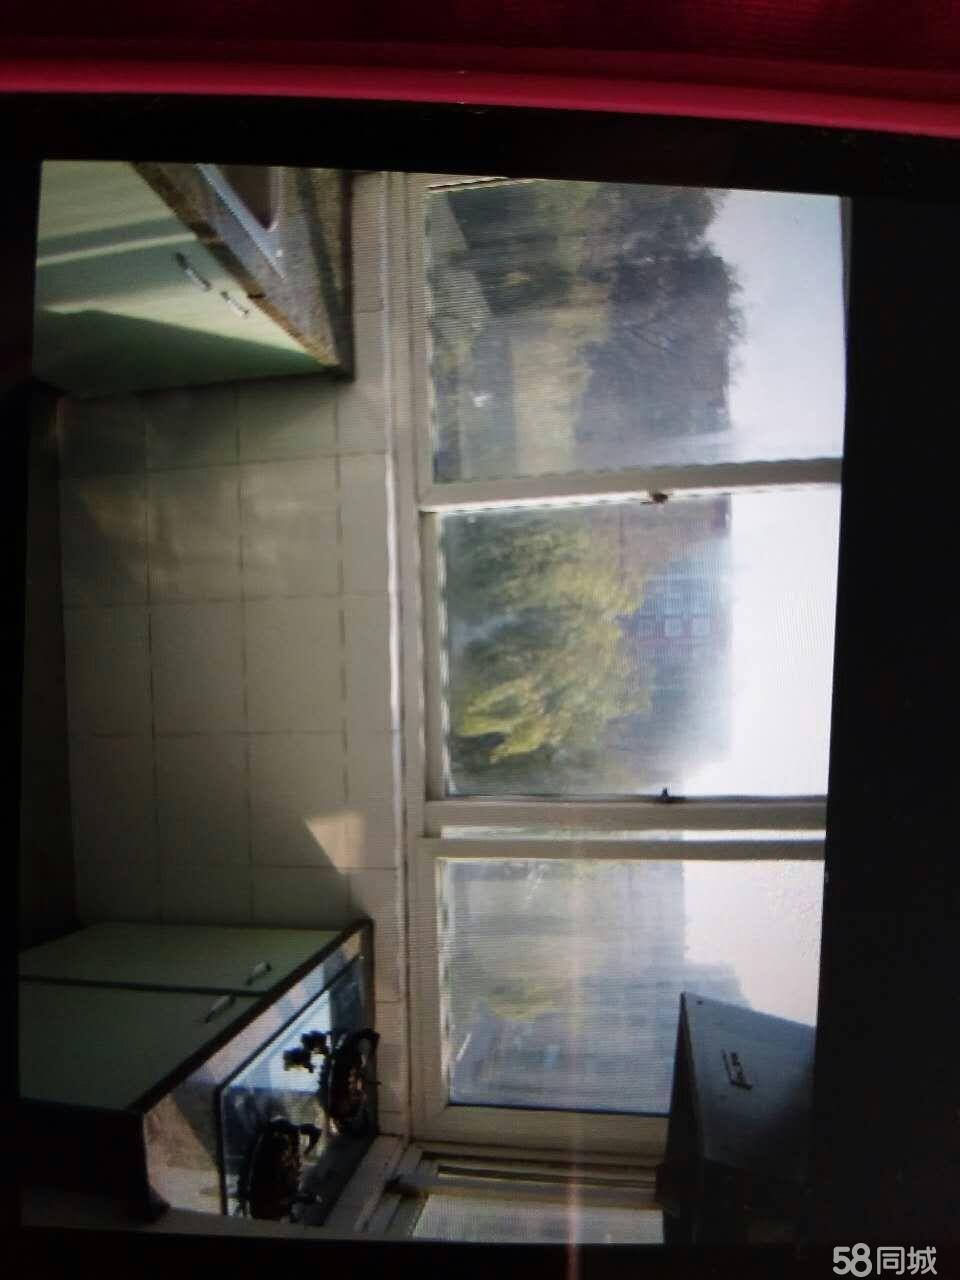 新大陆连山区新大陆1室1厅40平米简单装修押一付一